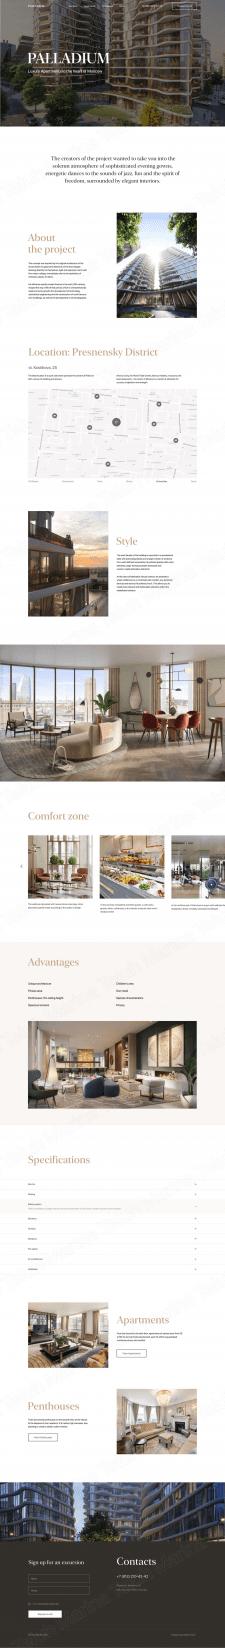 Сайт для элитной недвижимости (главная)